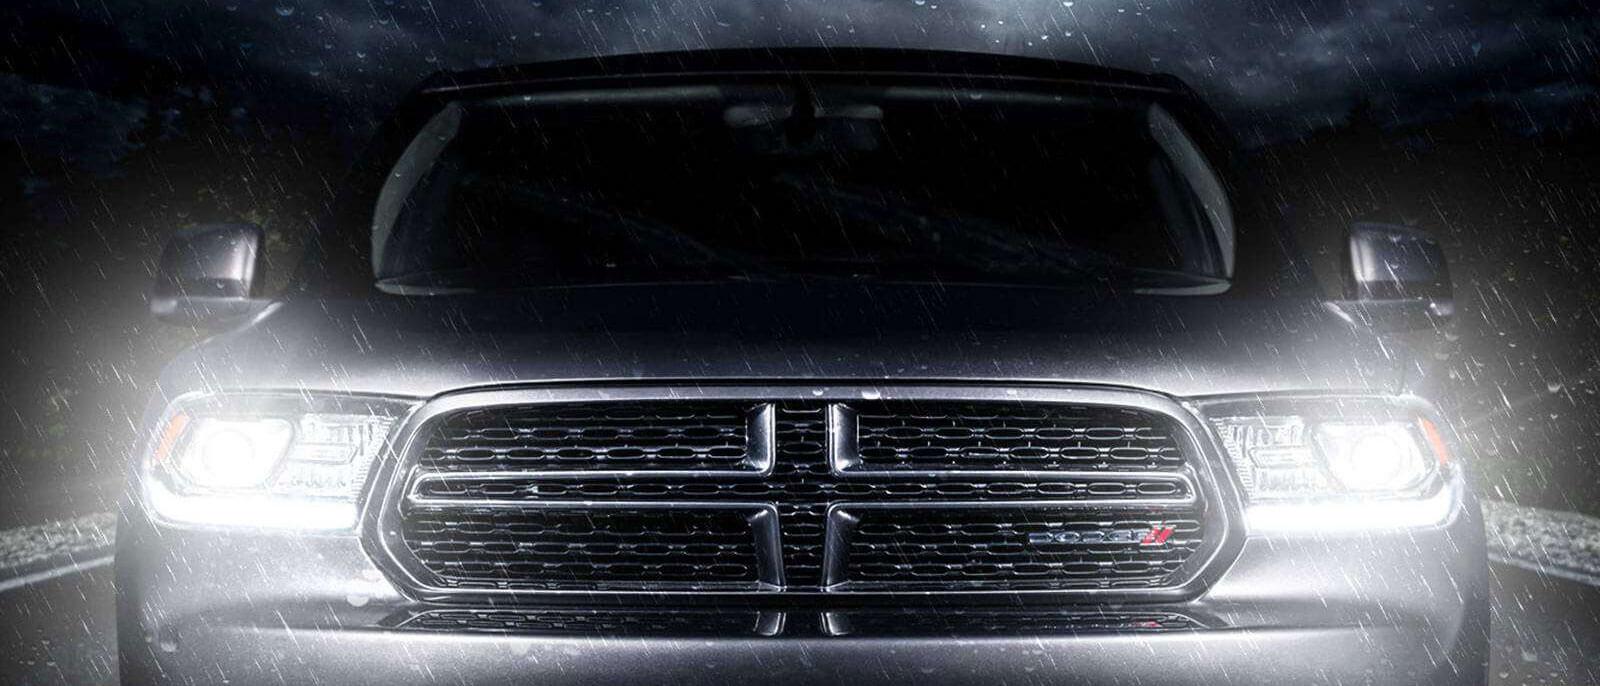 2016 Dodge Durango dramatic grille